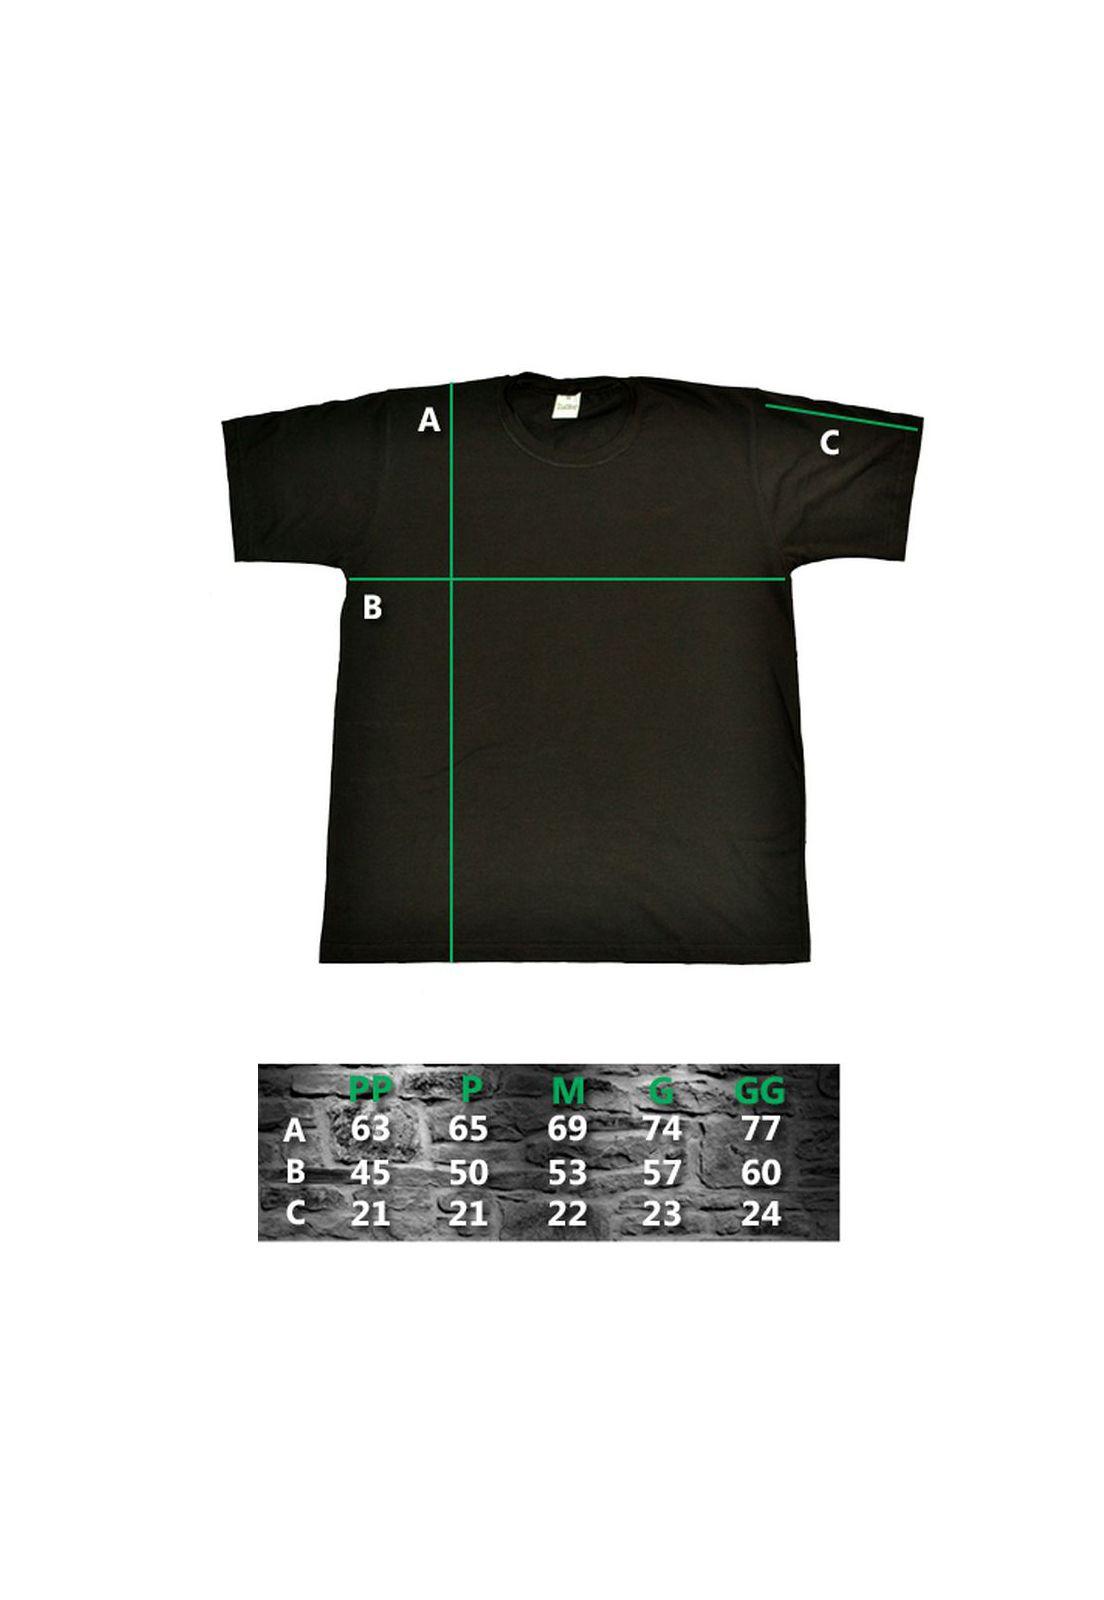 Camiseta Contra o Futebol Moderno - 2007  - HShop